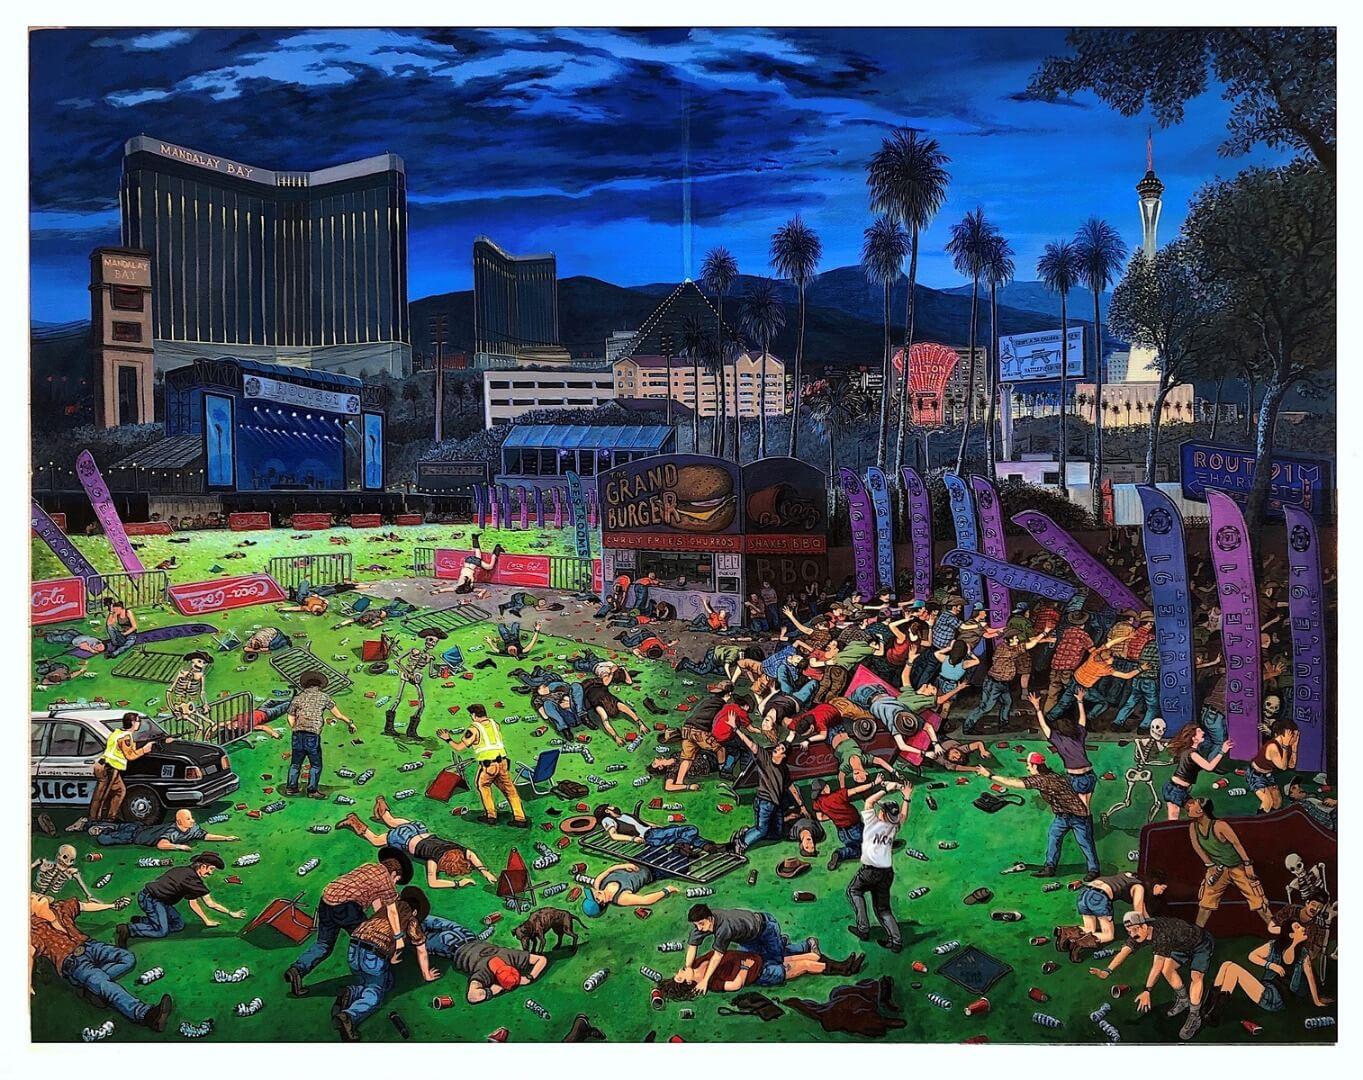 2018_The Triumph of Death (Las Vegas)_45x58